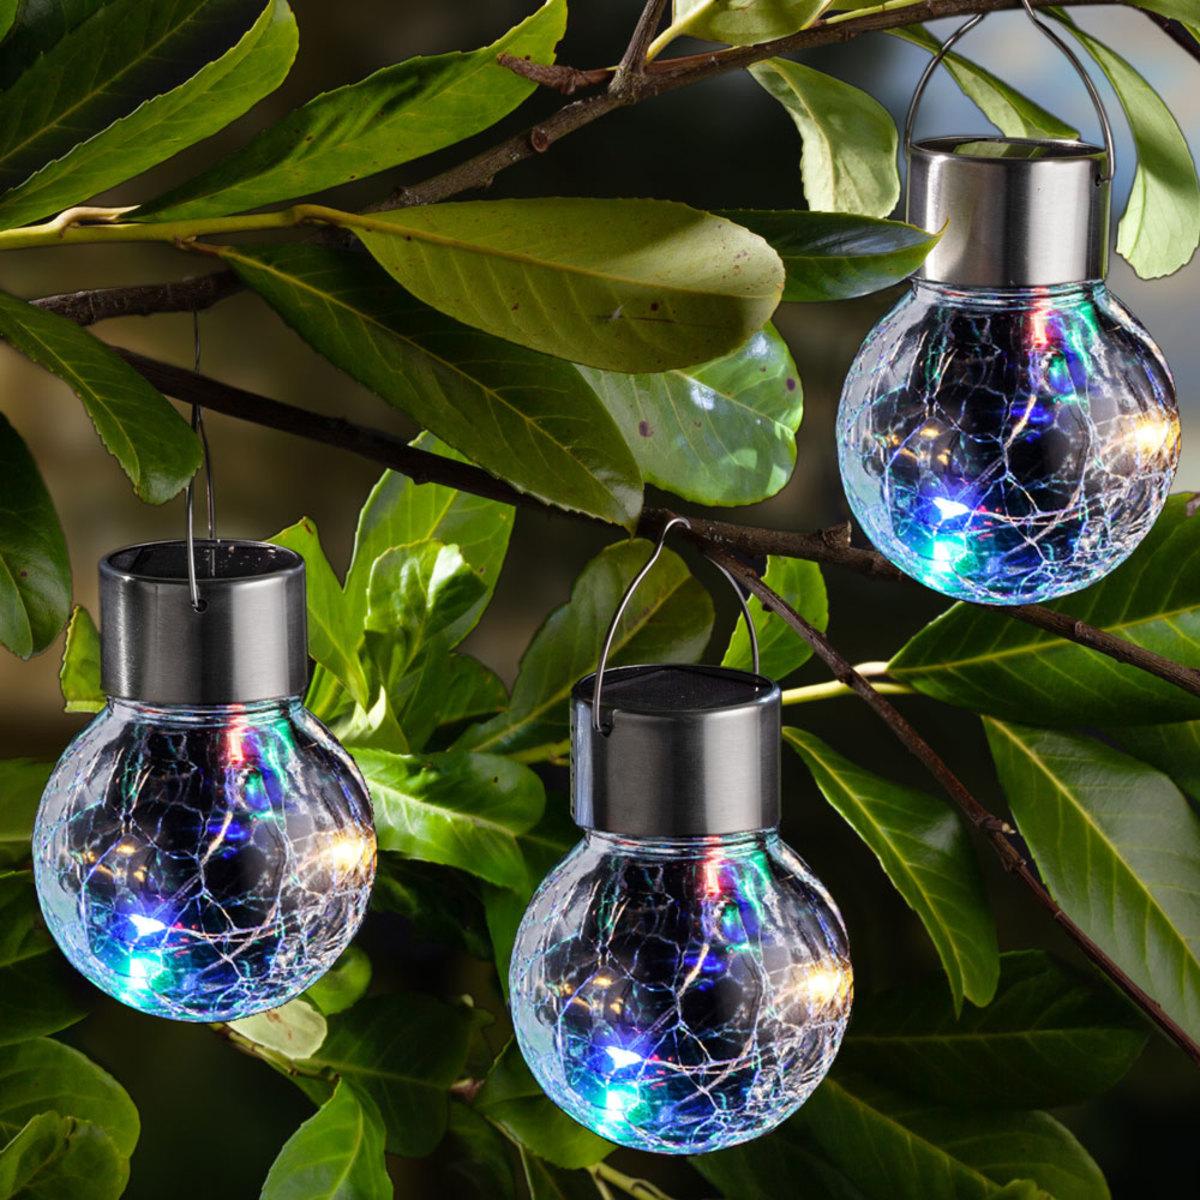 Bild 1 von I-Glow LED-Solar-Leuchtkugeln, Crackle Bunt - 3er Set